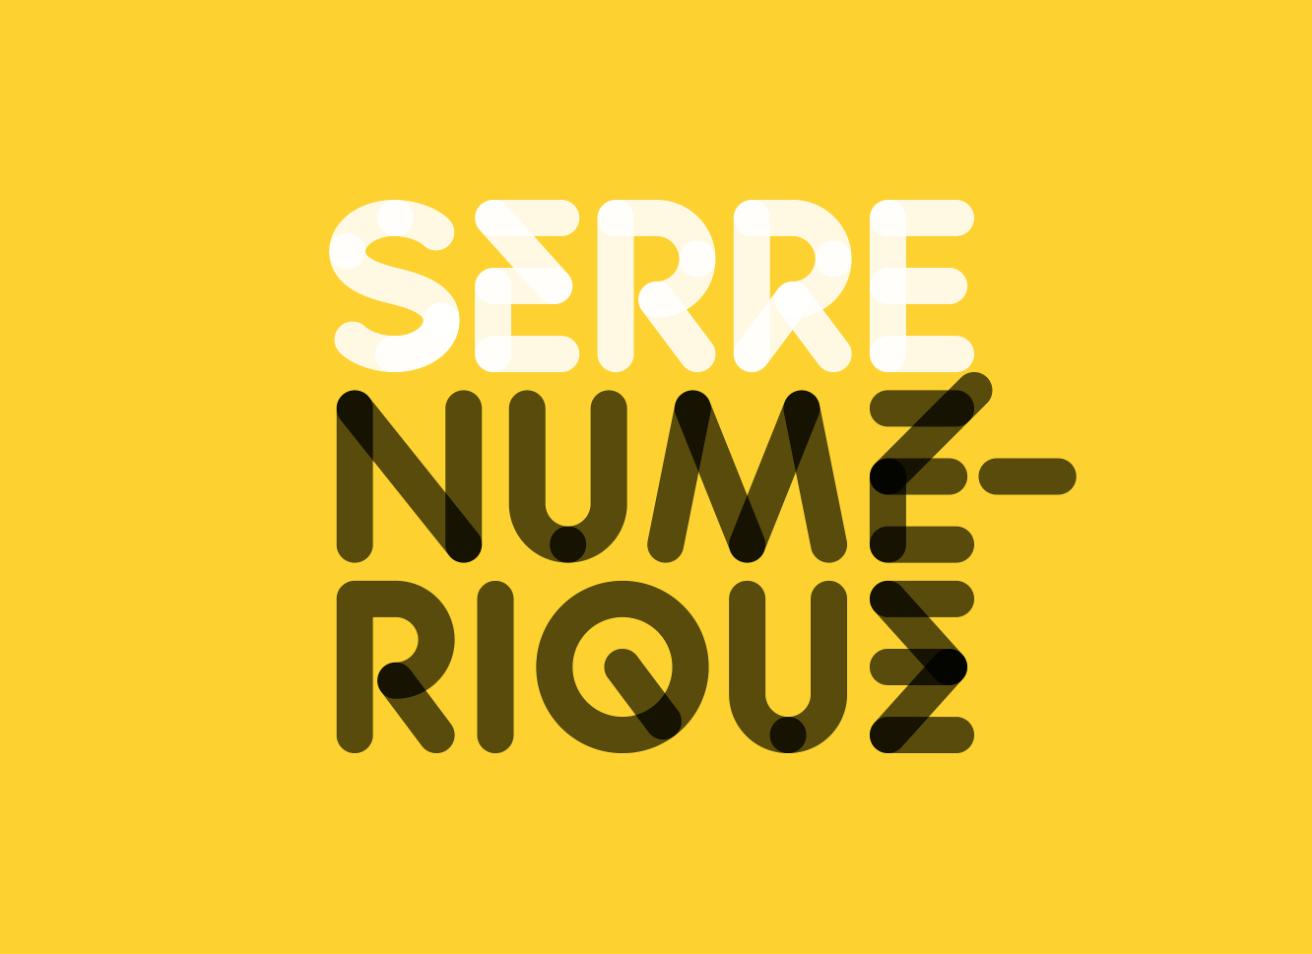 Serre-Numérique-Motion-Design